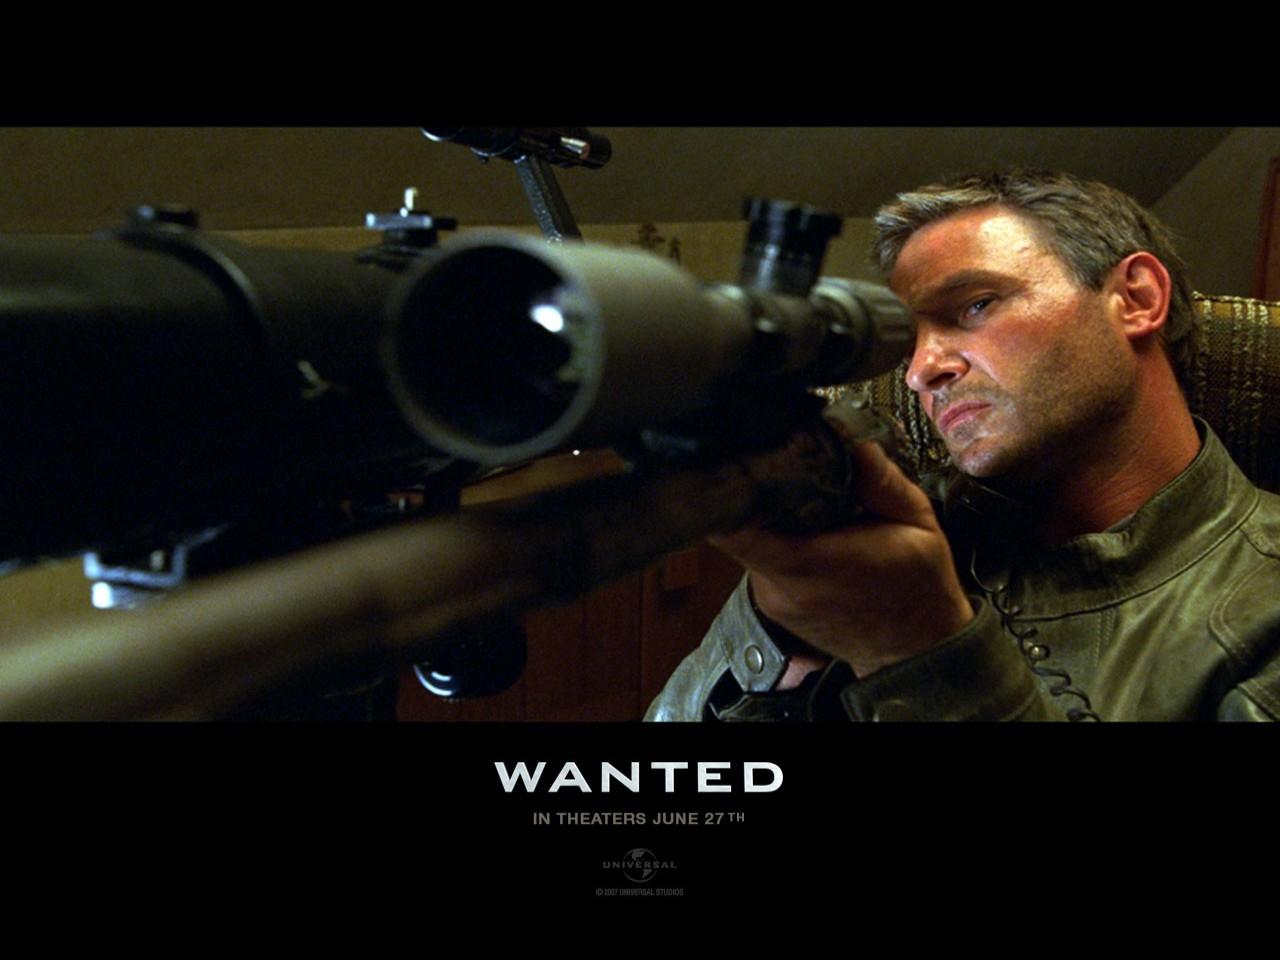 Wallpaper del film wanted scegli il tuo destino 68201 for Wanted scegli il tuo destino 2